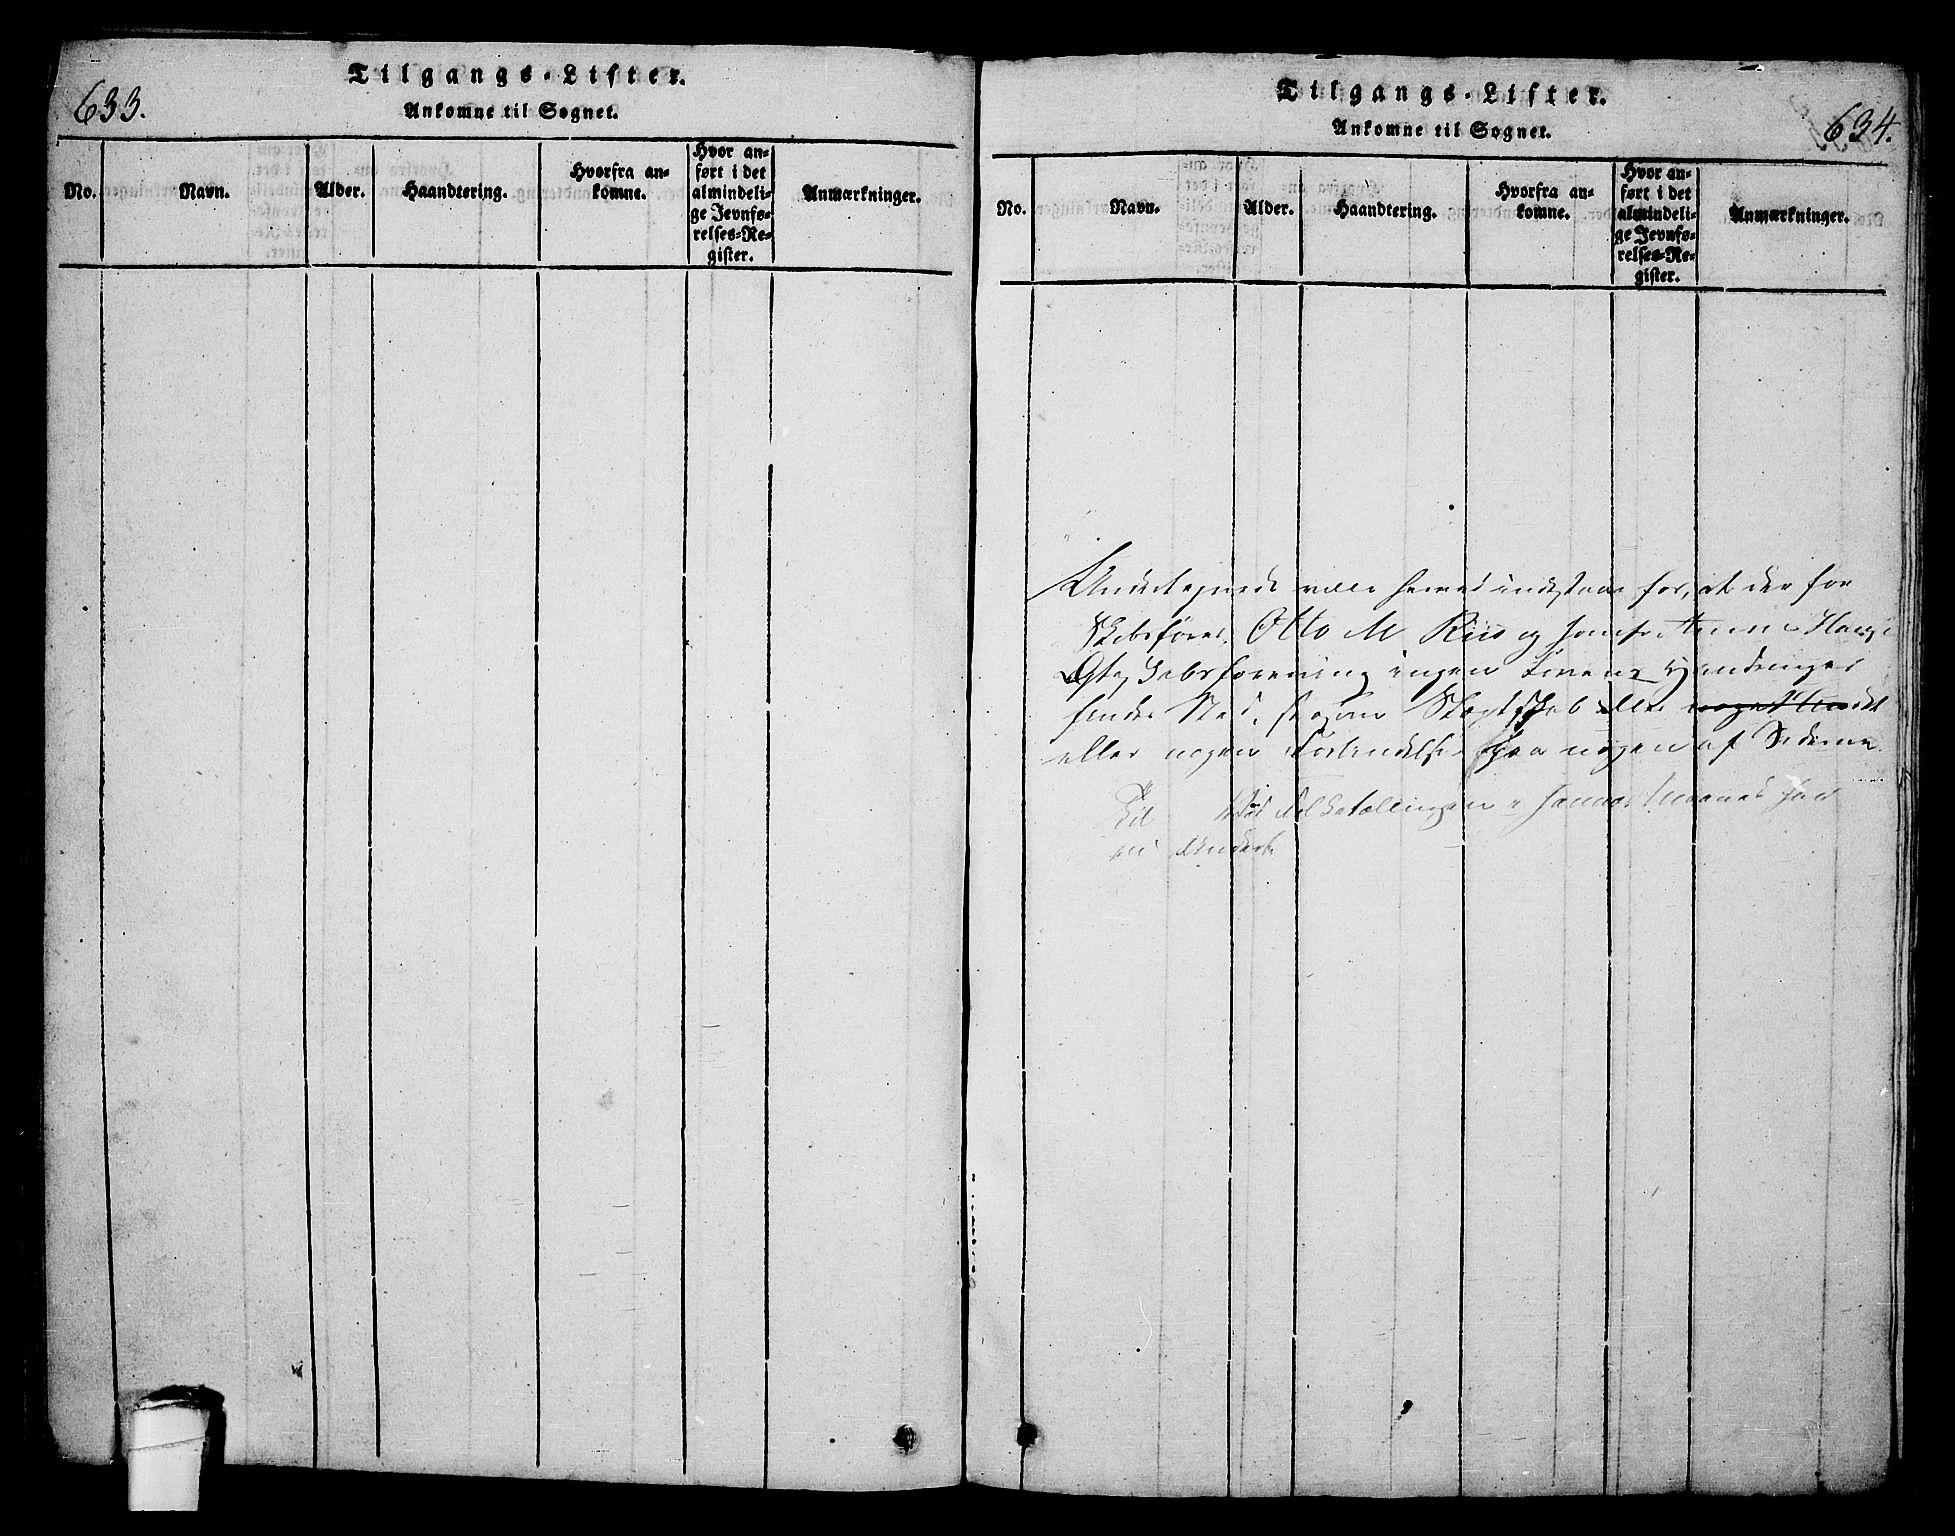 SAKO, Langesund kirkebøker, G/Ga/L0003: Klokkerbok nr. 3, 1815-1858, s. 633-634